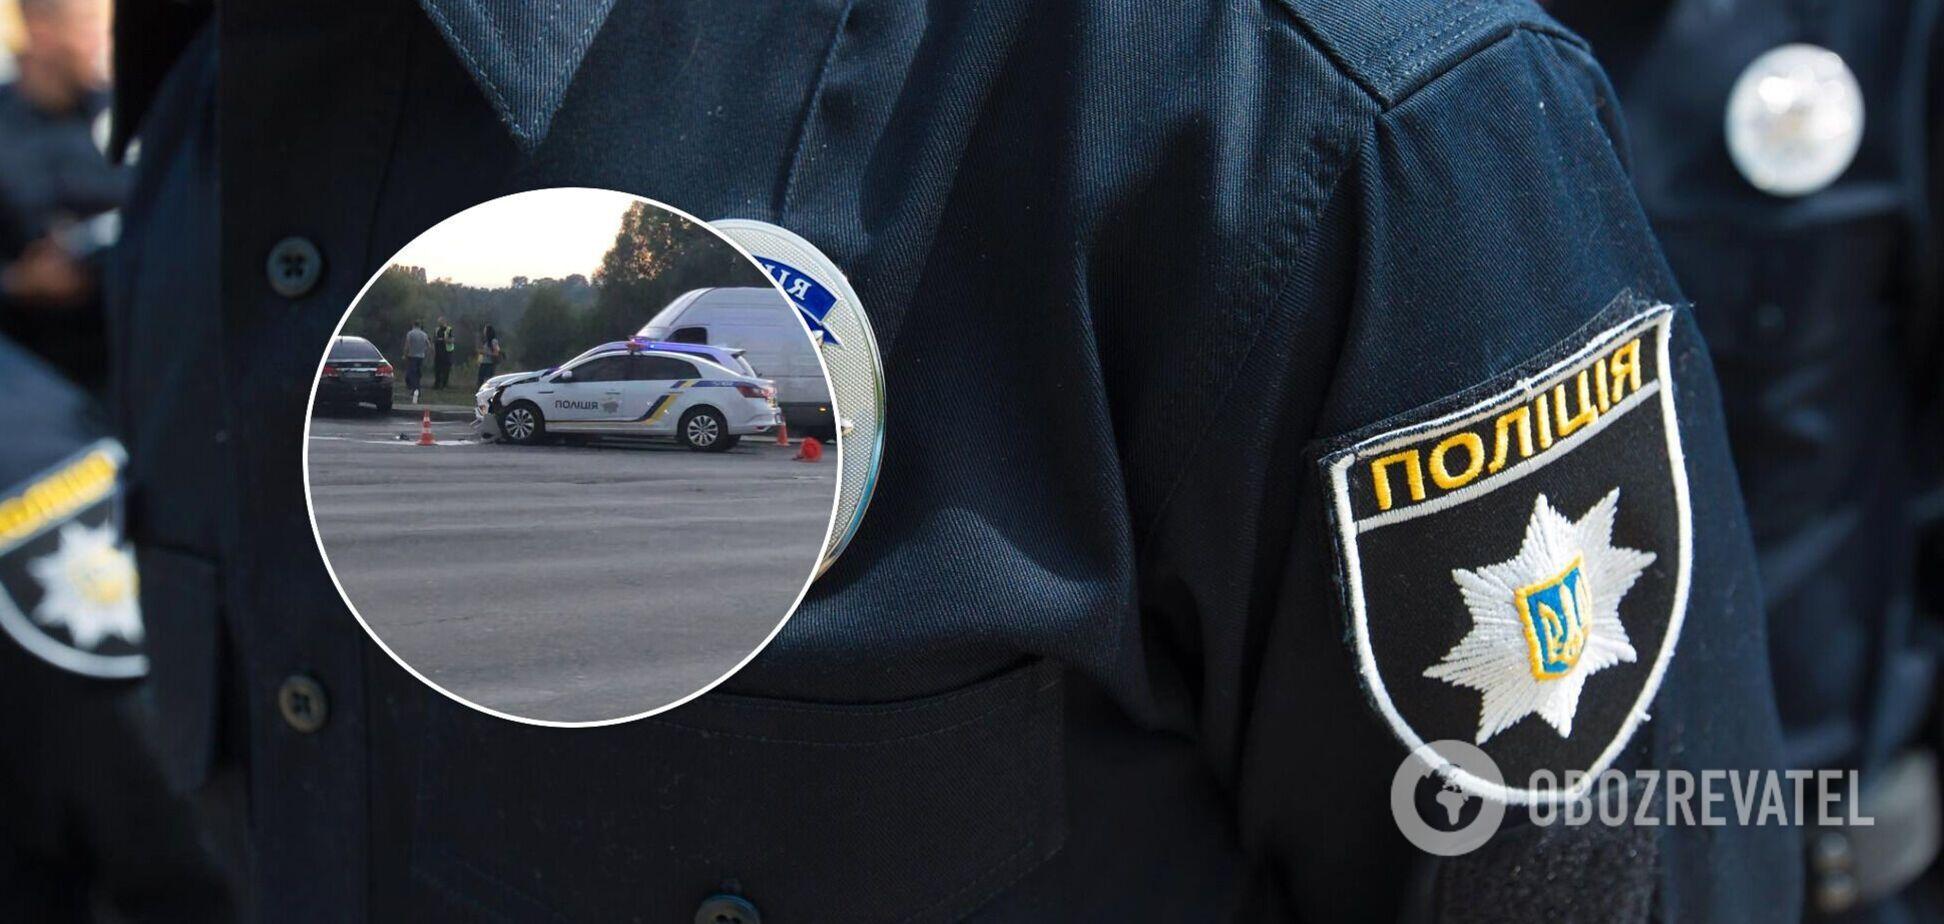 У Києві в ДТП потрапив автомобіль поліції: з'явилося відео моменту зіткнення